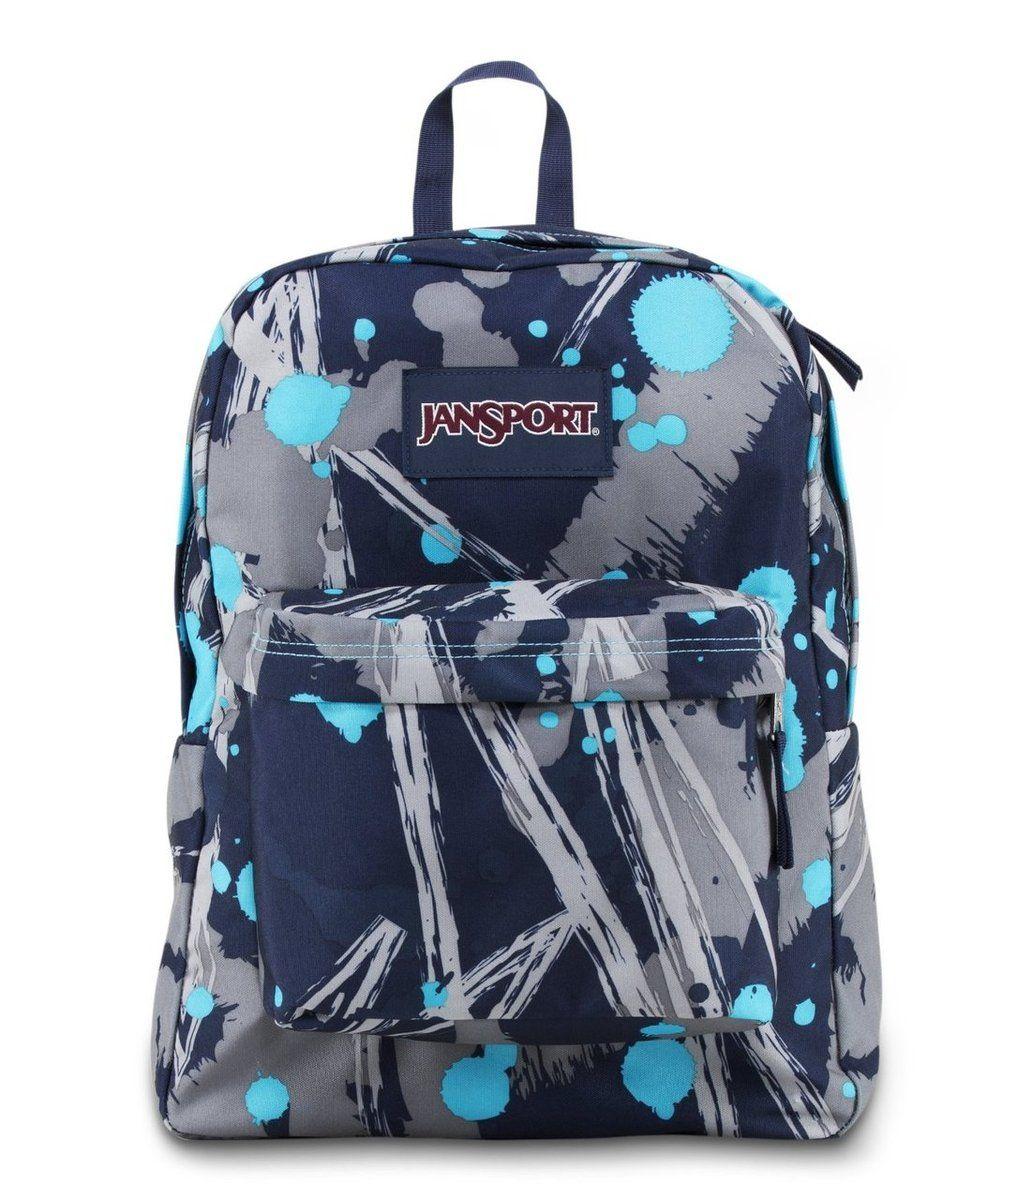 JANSPORT SUPERBREAK BACKPACK SCHOOL BAG - Mammoth Blue Super ...